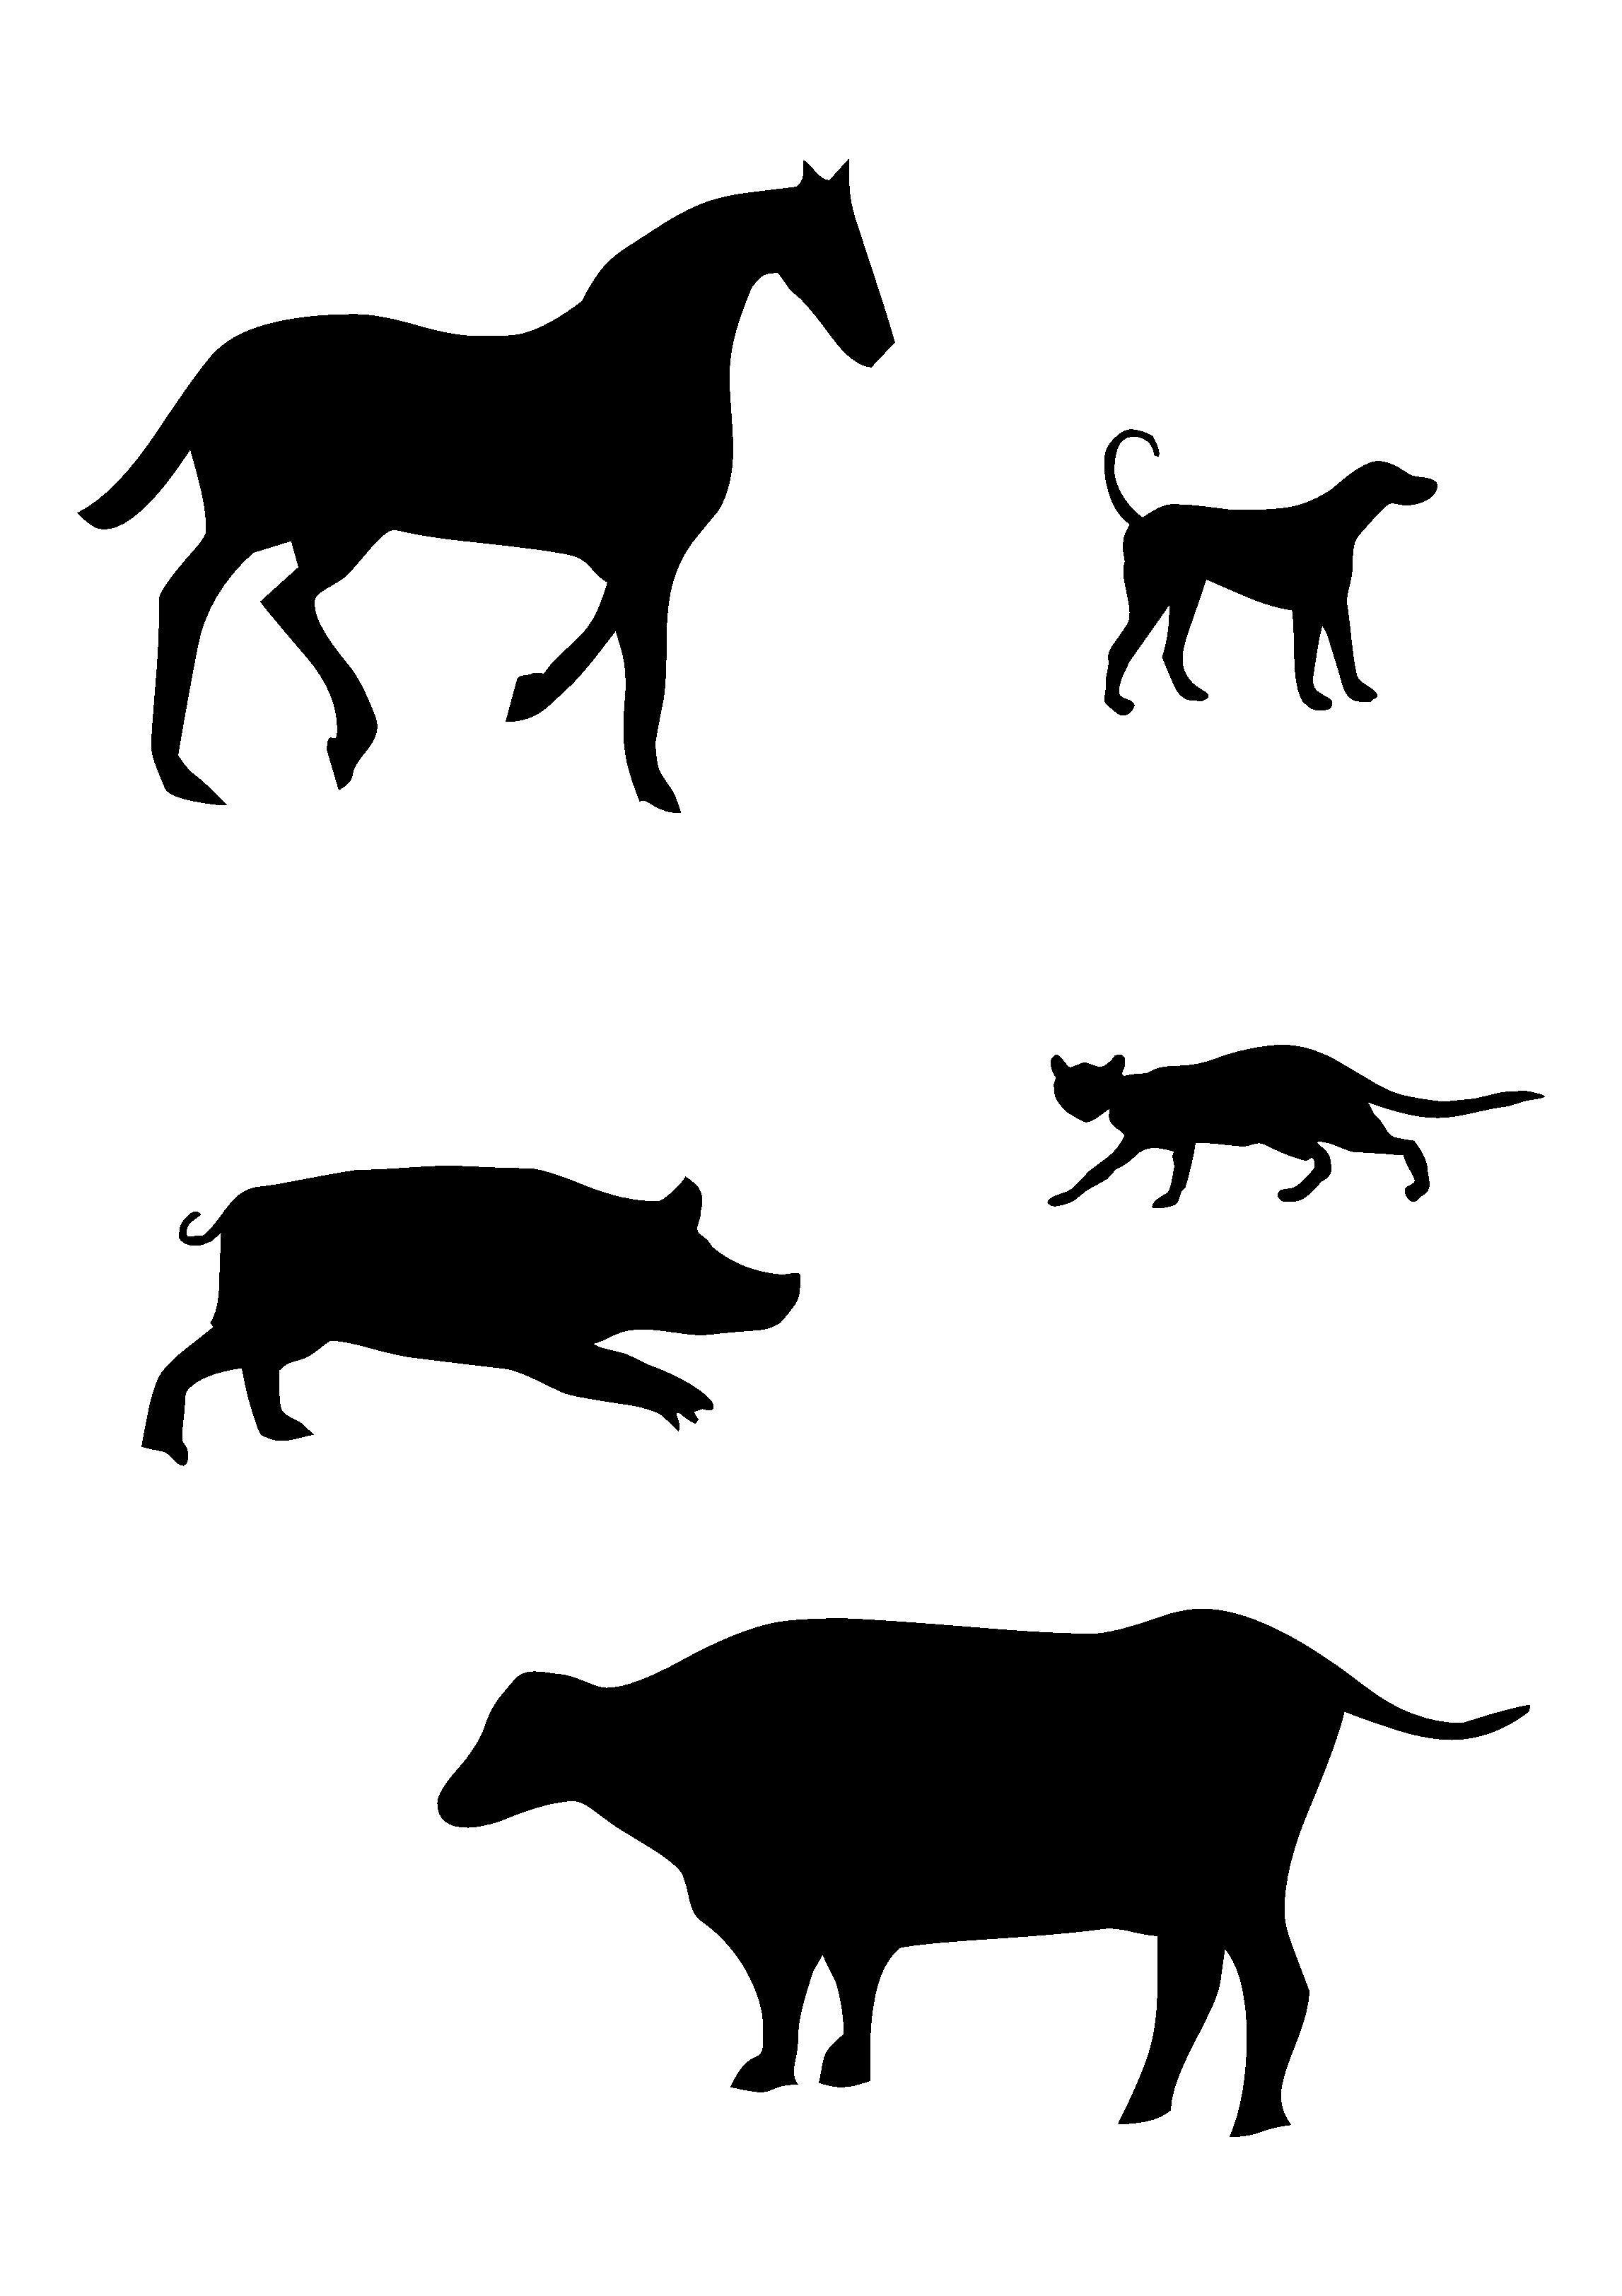 почему используются черно-белые изображения для детей: 10 ...